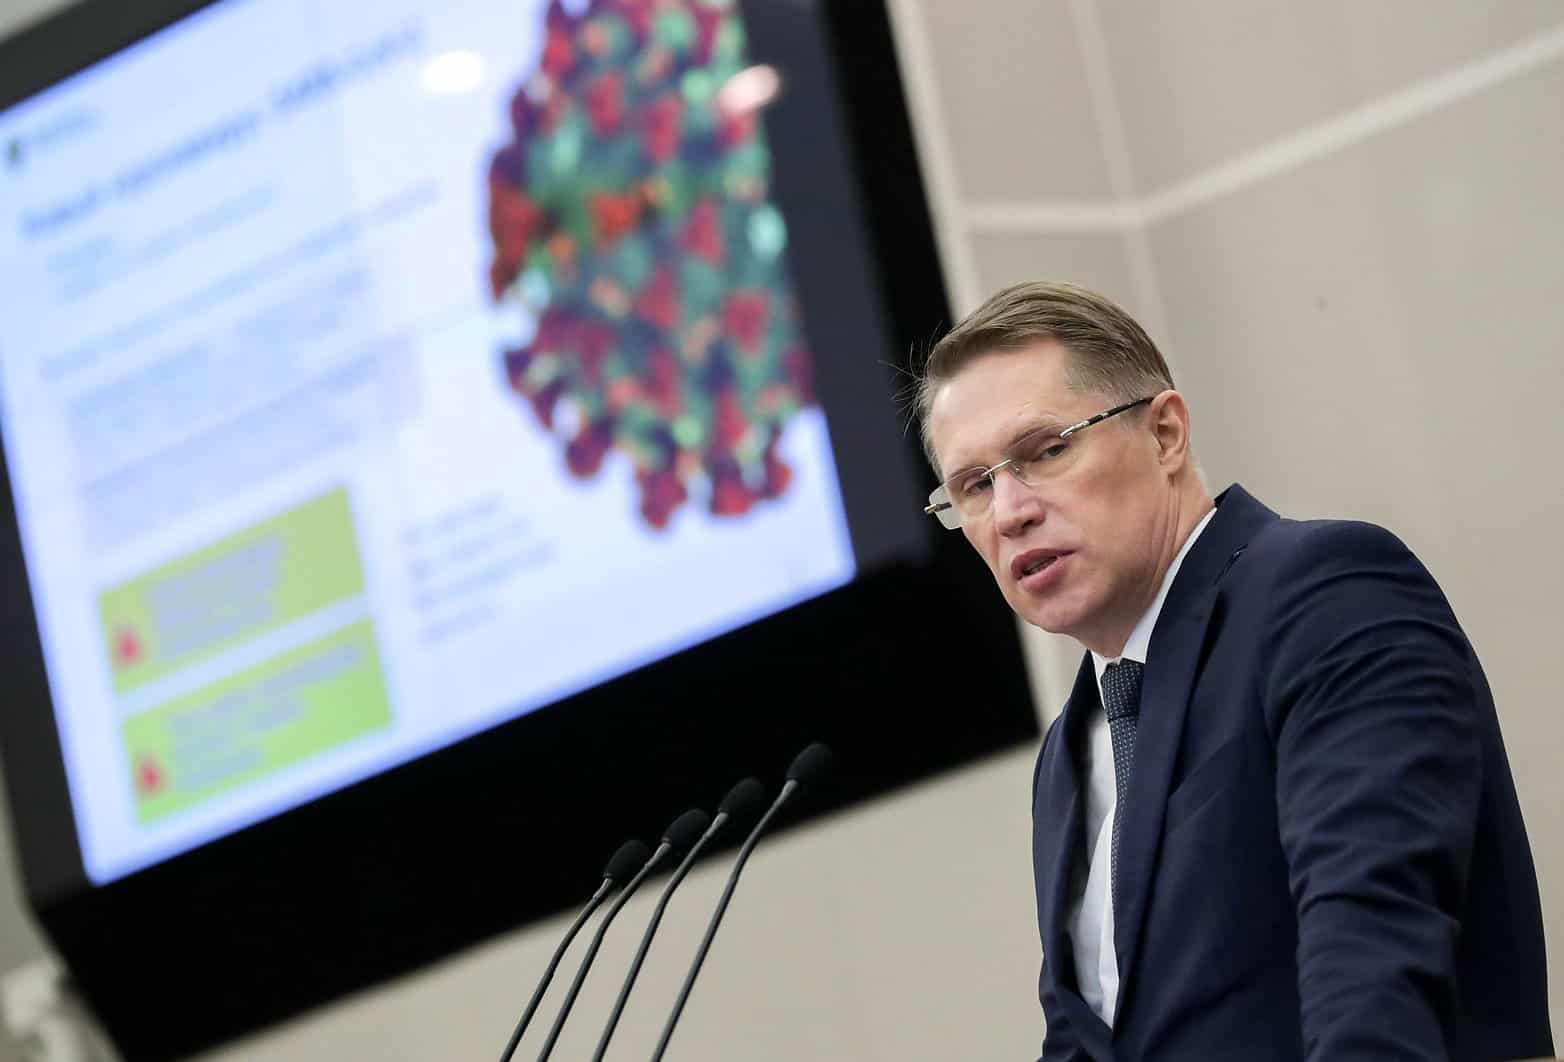 Вакцинация от коронавируса в России будет добровольной, рассказал Министр здравоохранения